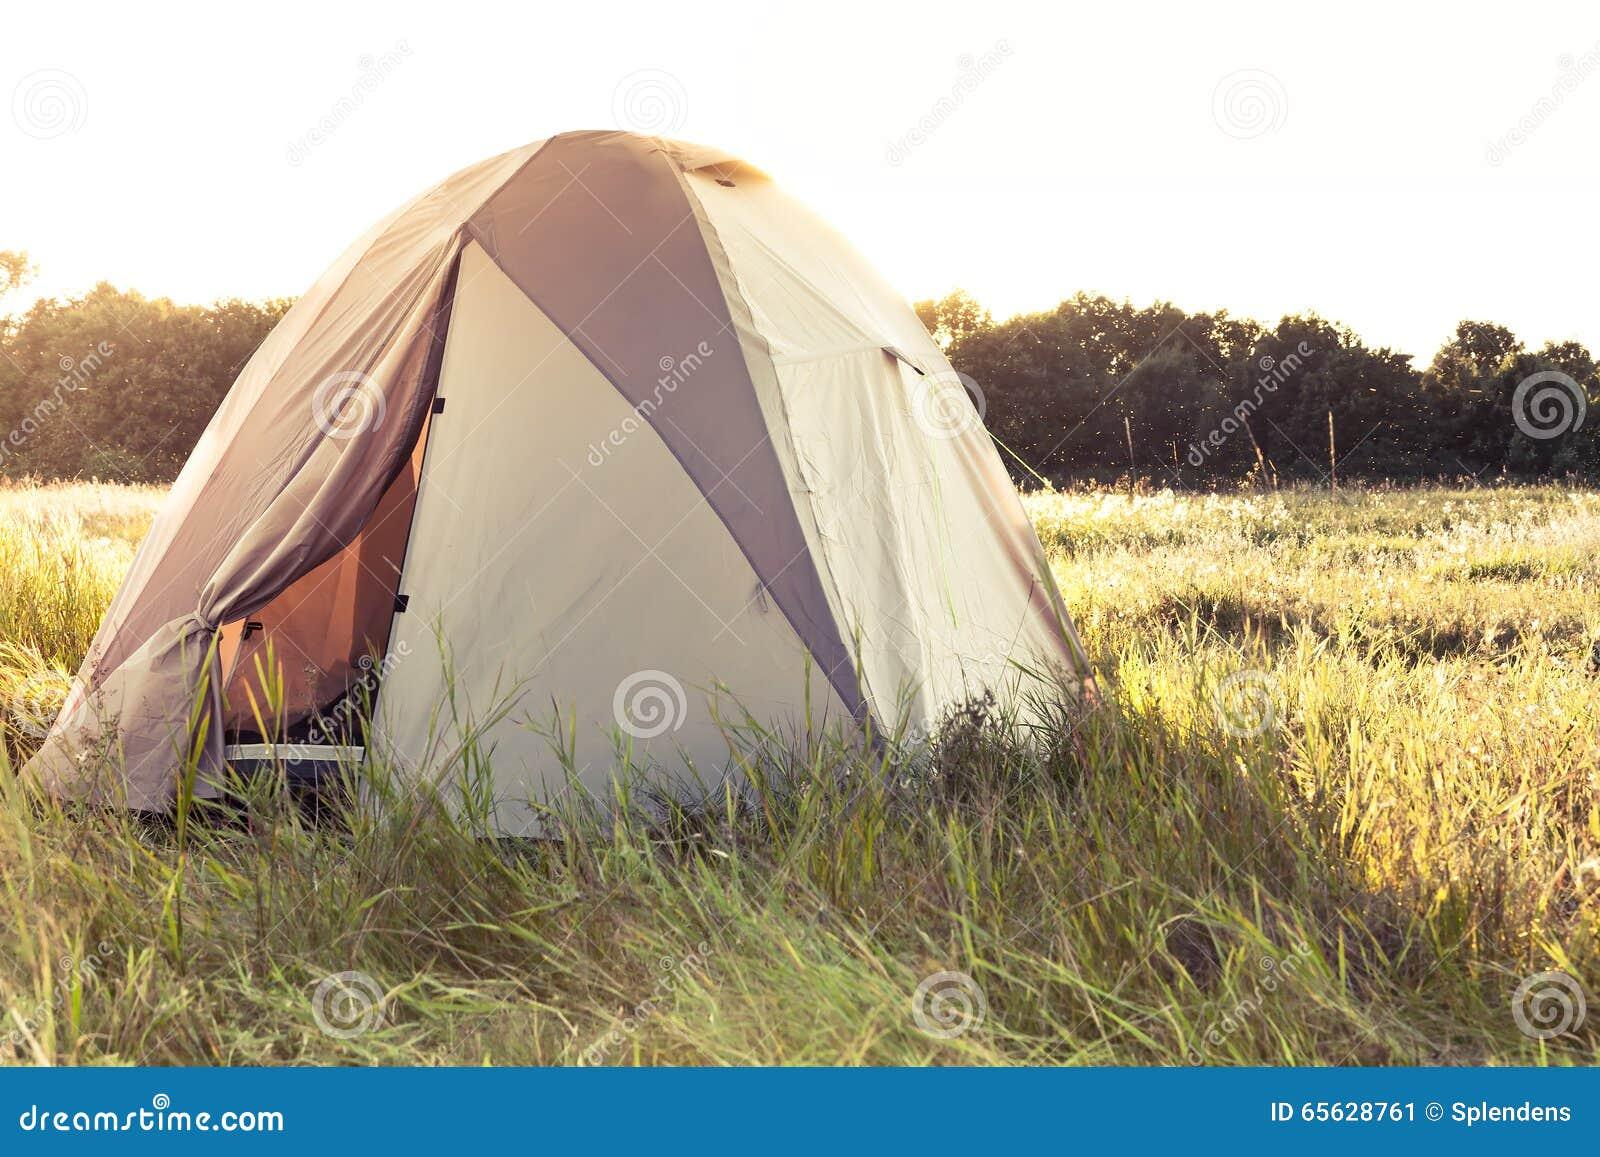 Tente de camping sur le champ